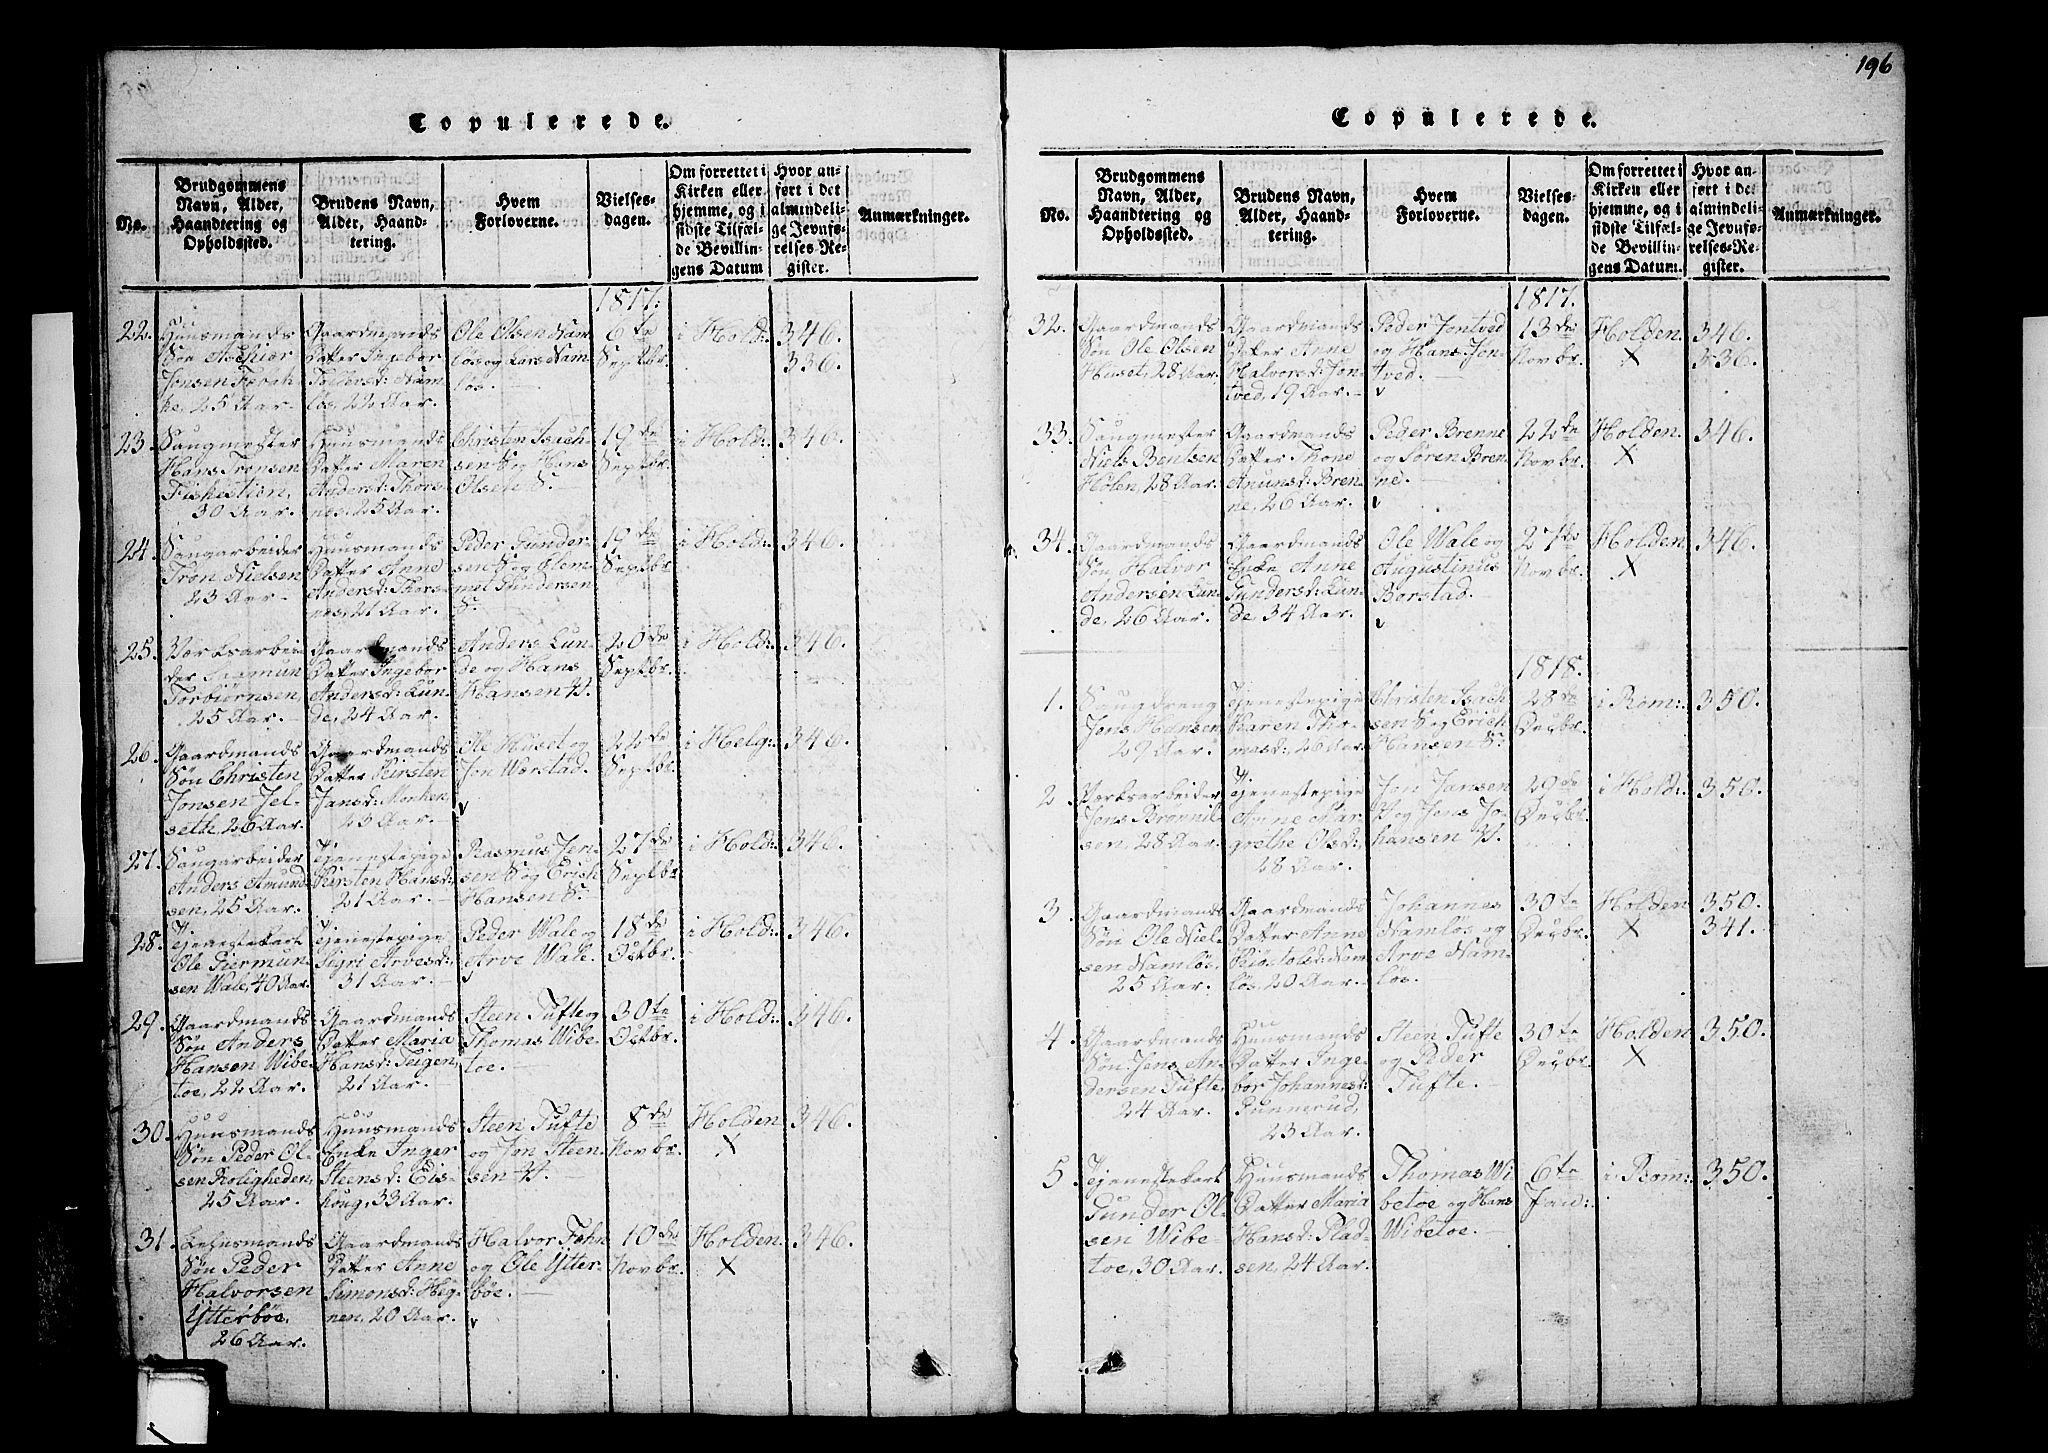 SAKO, Holla kirkebøker, G/Ga/L0001: Klokkerbok nr. I 1, 1814-1830, s. 196